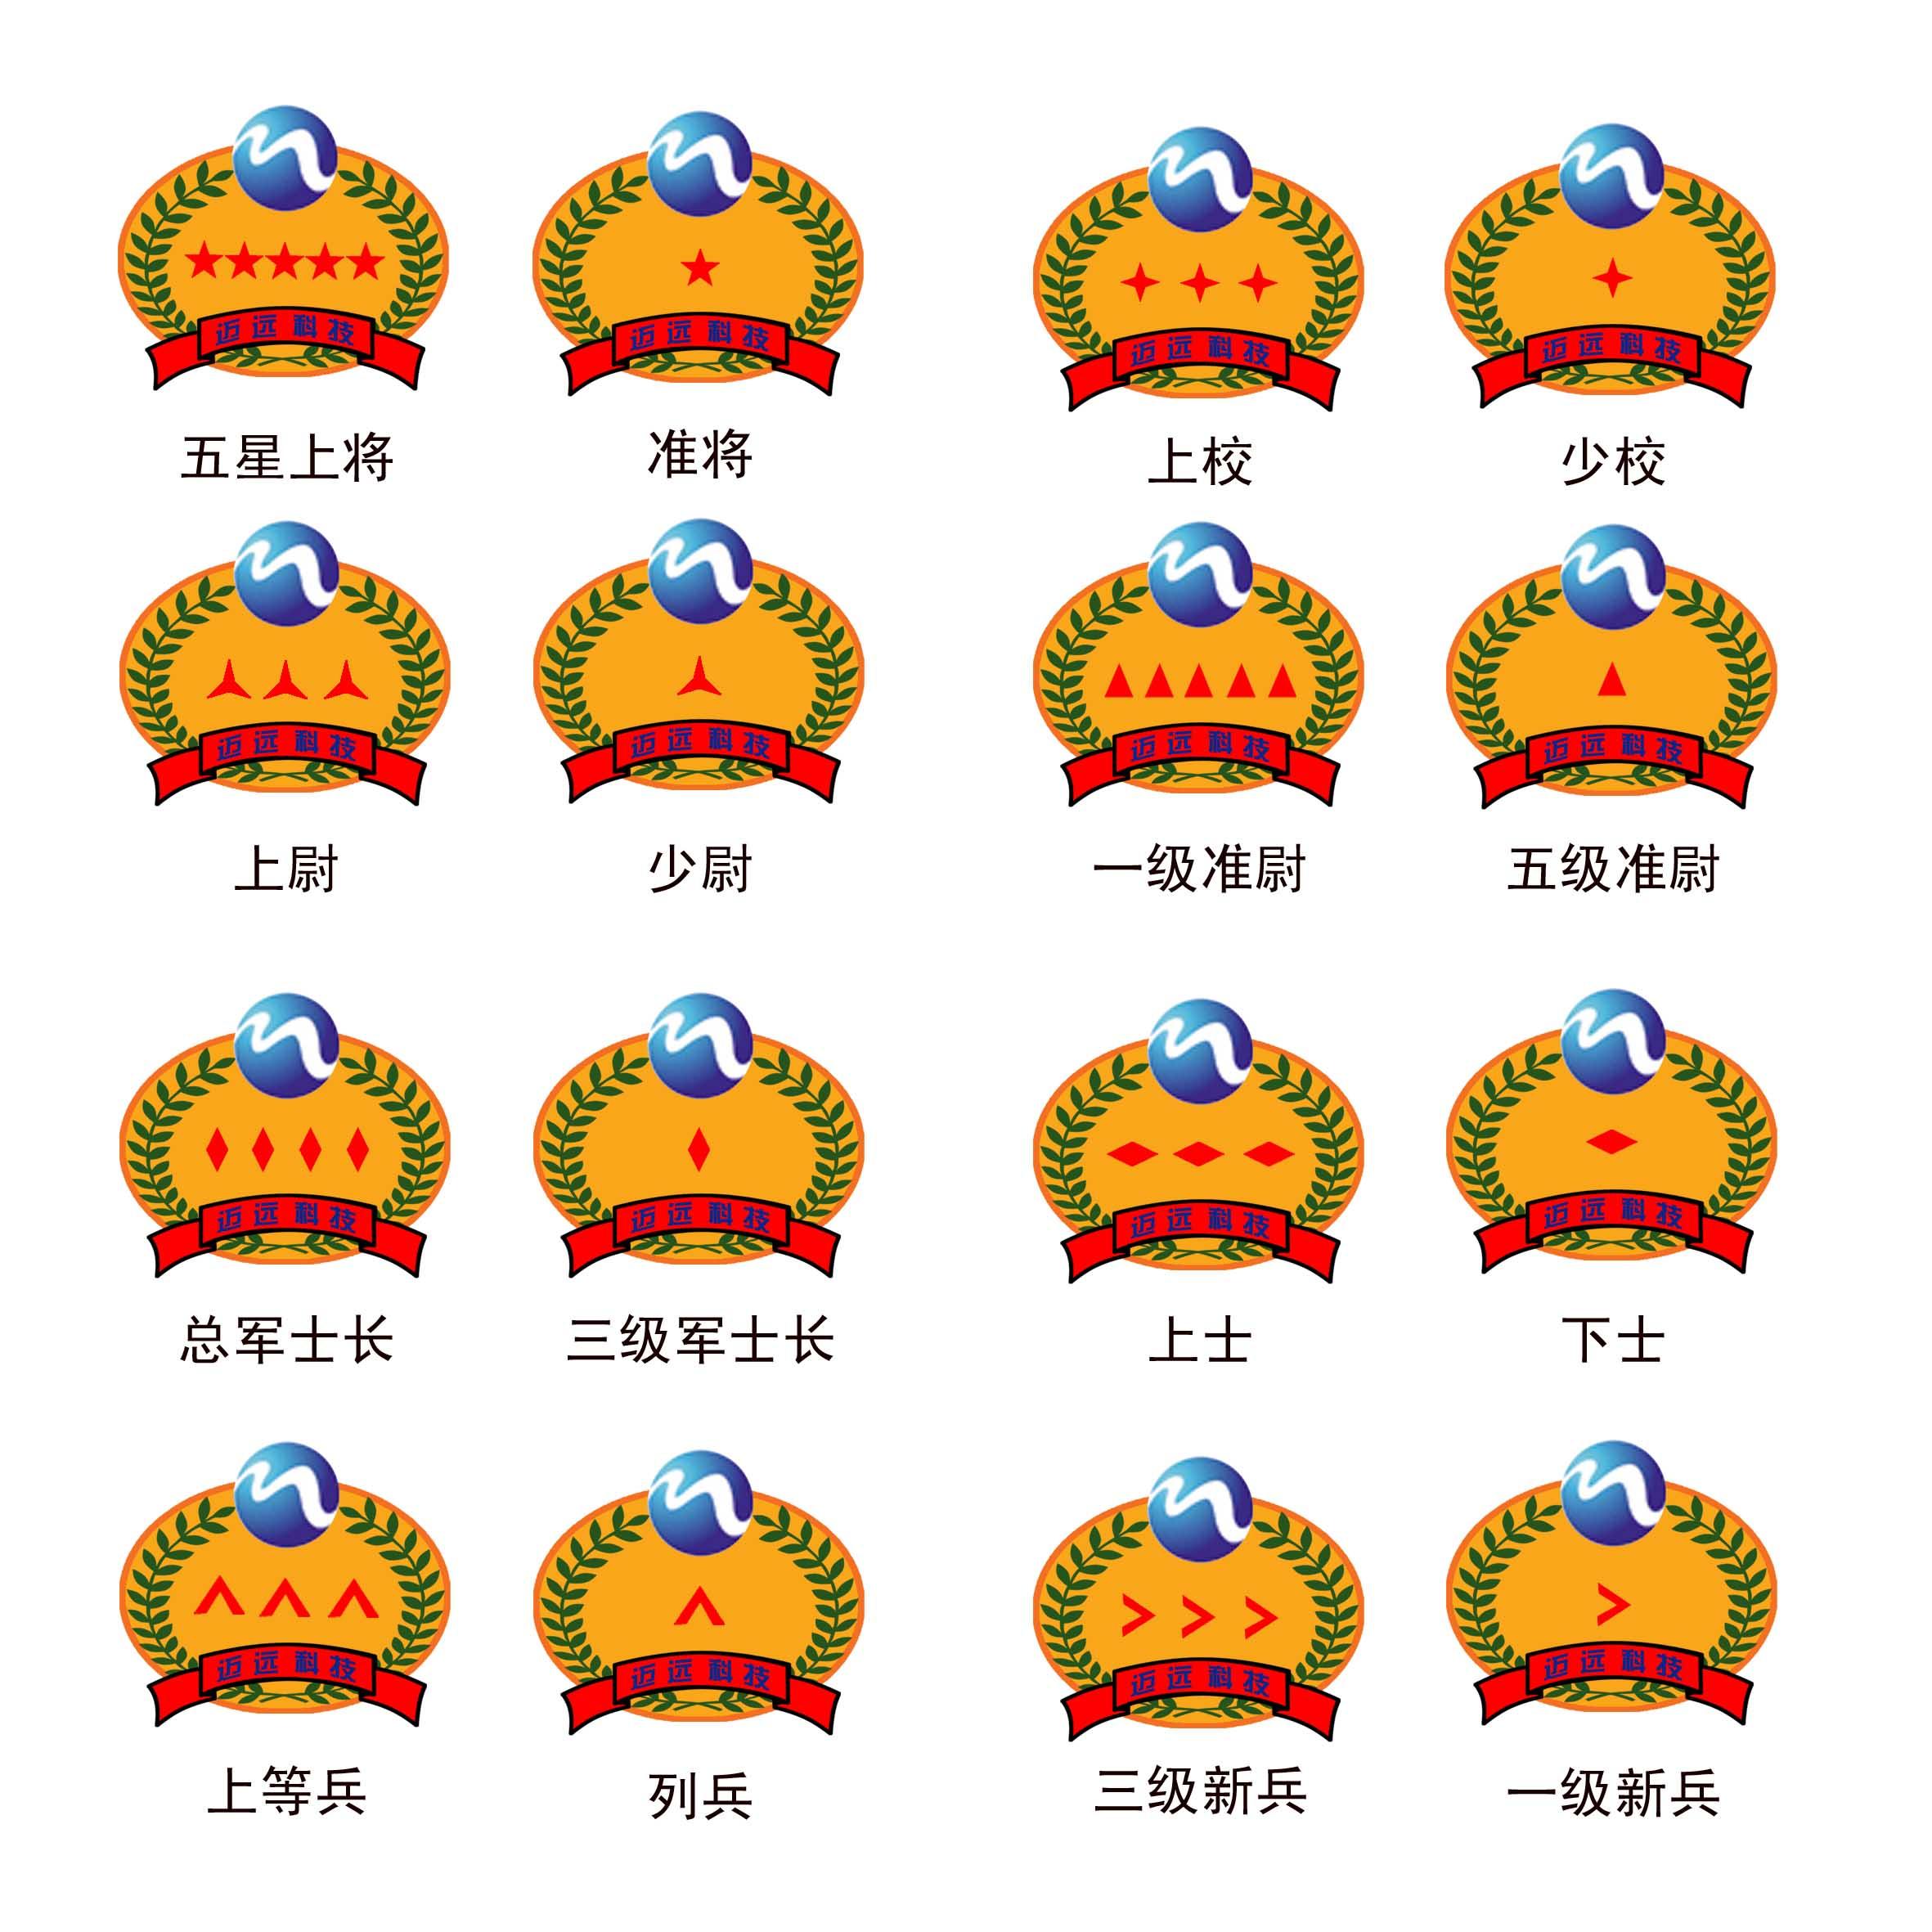 一、设计对象简介 胸标是迈远科技职级划分的标示,是对迈远科技不同职务的员工授予的等级称号,胸标将员工的荣誉称号、待遇等级和职务因素融为一体,使其兼有调整团队工作关系和调整个人利益关系的两种功能。迈远的胸标分为将官、校官、尉官、准尉、士官、军士、兵7等。每级再细分数级(详见下图)。 二、创作主题 1、公司胸标应准确反映迈远科技人文特色,内涵丰富,意境深远; 2、图案应色彩简洁,动感强烈,特色明显,易于识别,充分展示公司特点; 3、胸标与公司整体形象一致。 三、竞标要求 1、每位竞标的作品数量不限,需要设计全